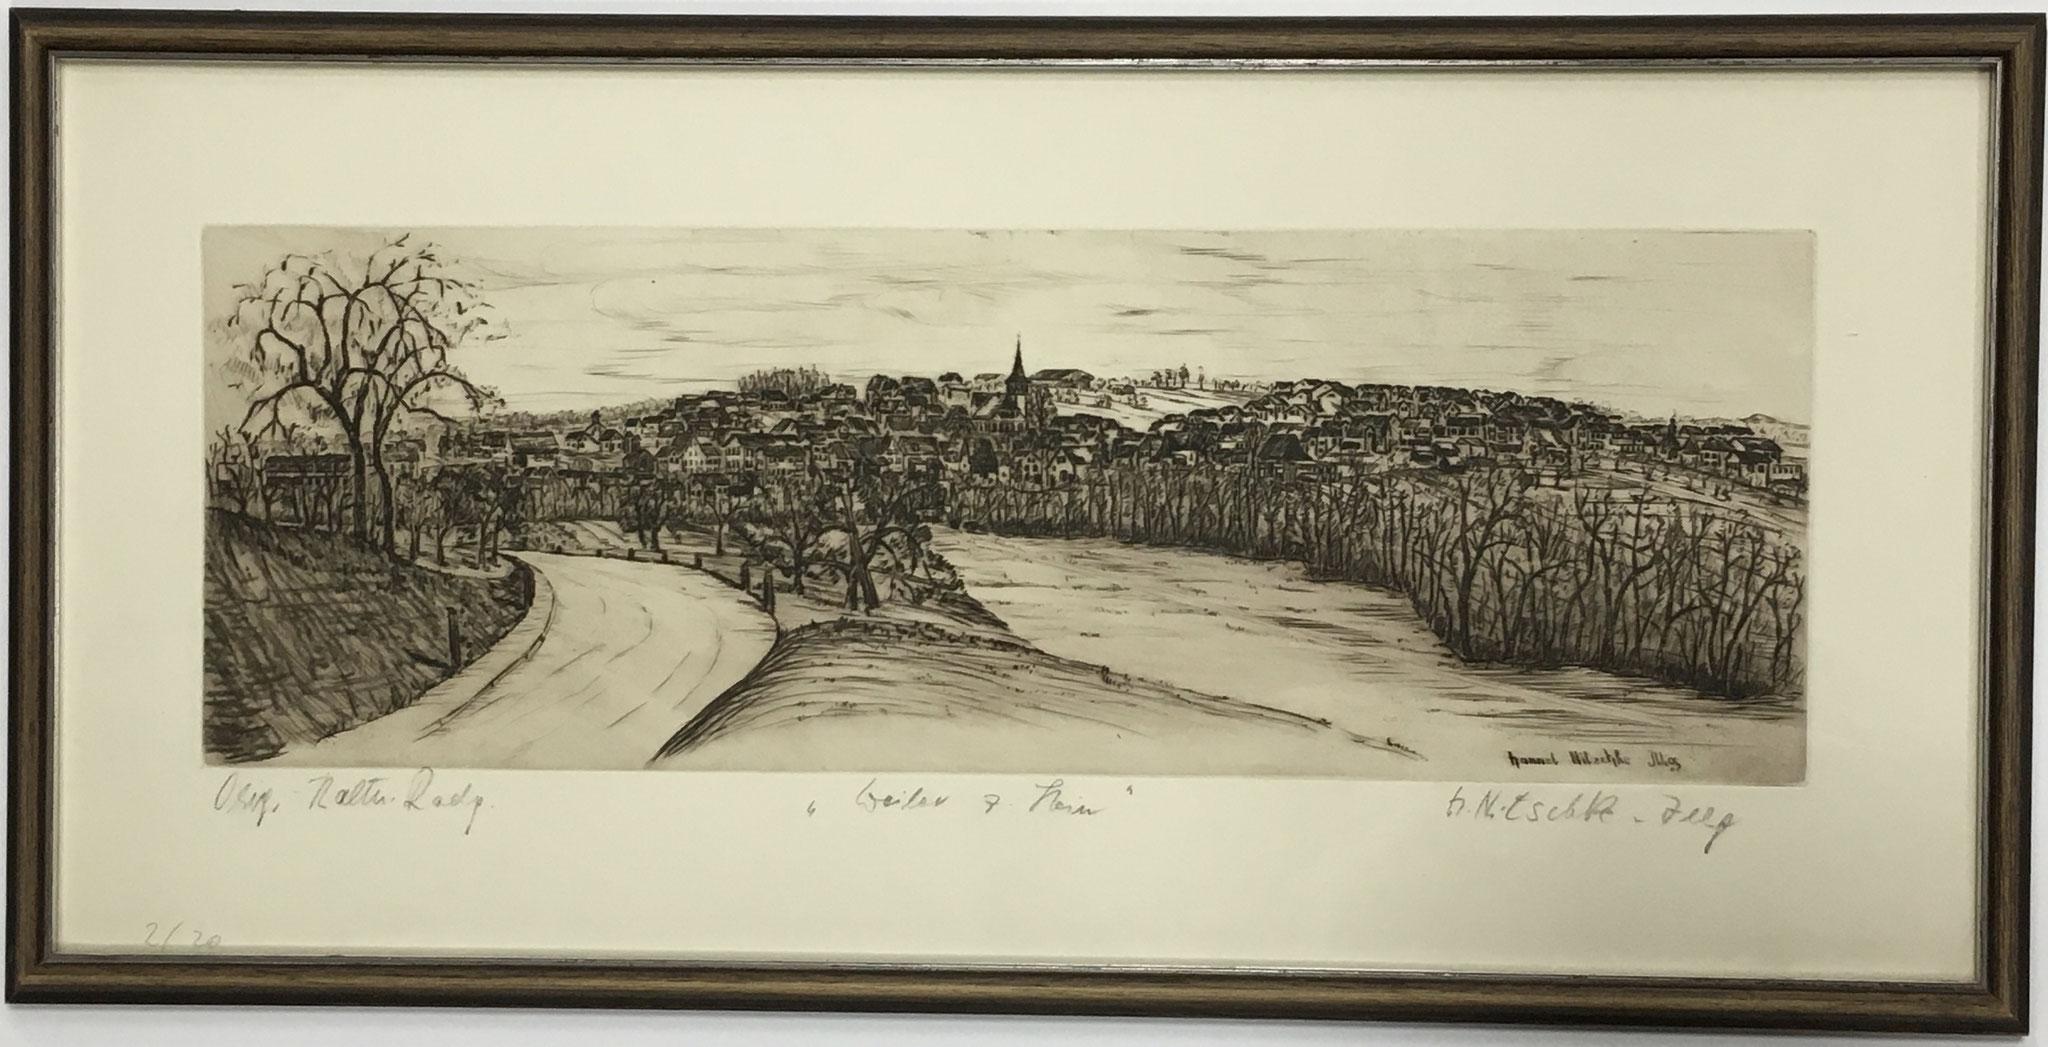 """Hannel-Nitschke-Illg Original Radierung """"Weiler z. Stein""""  Größe/Falzmaß: 59x28 € 145,-"""